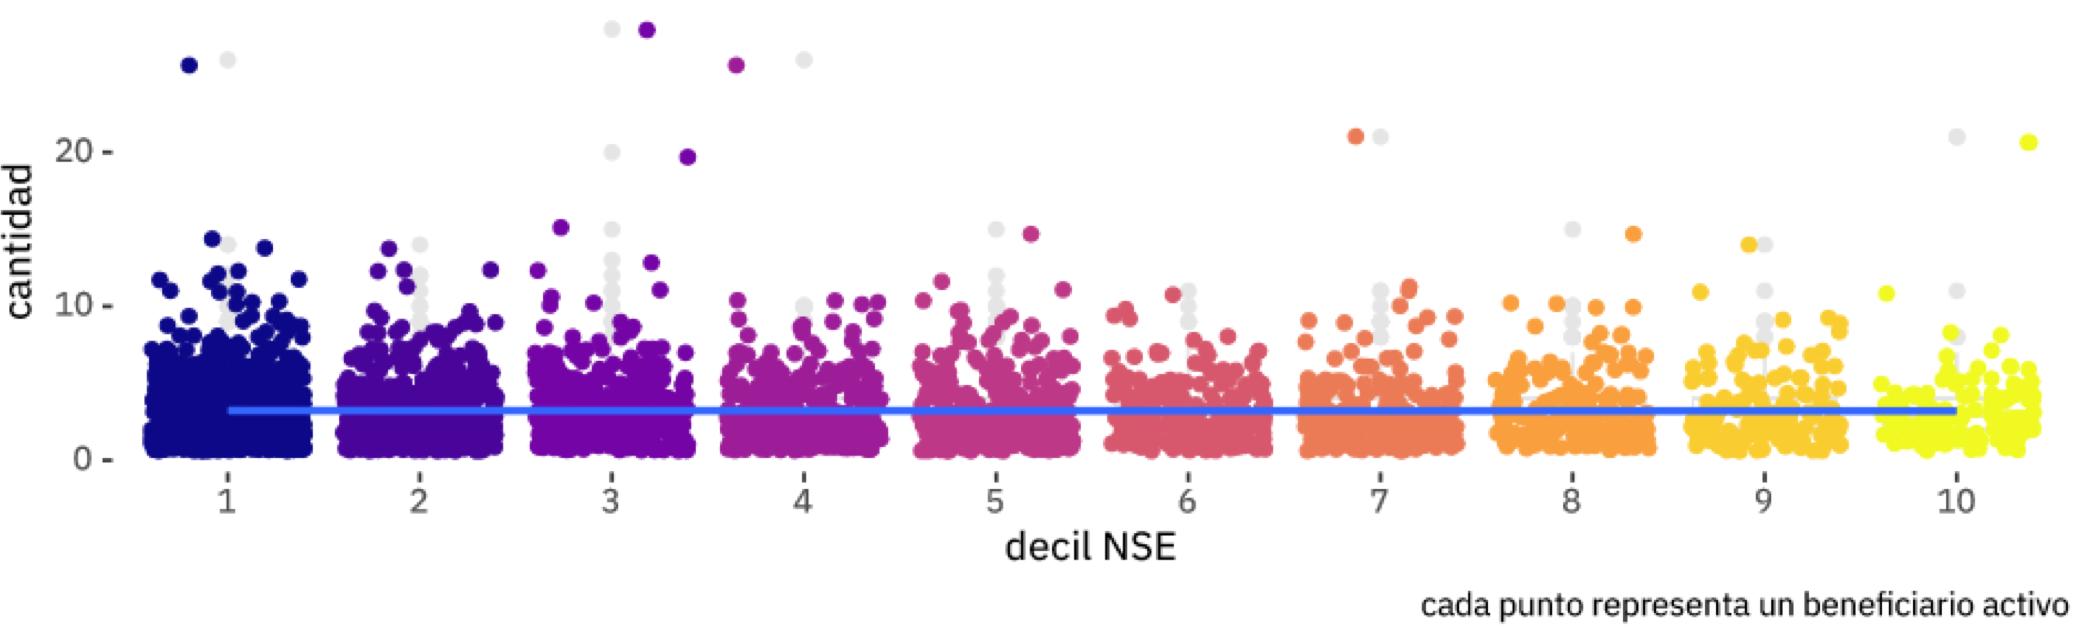 Fig. 3. Cantidad de transacciones por usuario, por nivel socioeconómico (NSE))